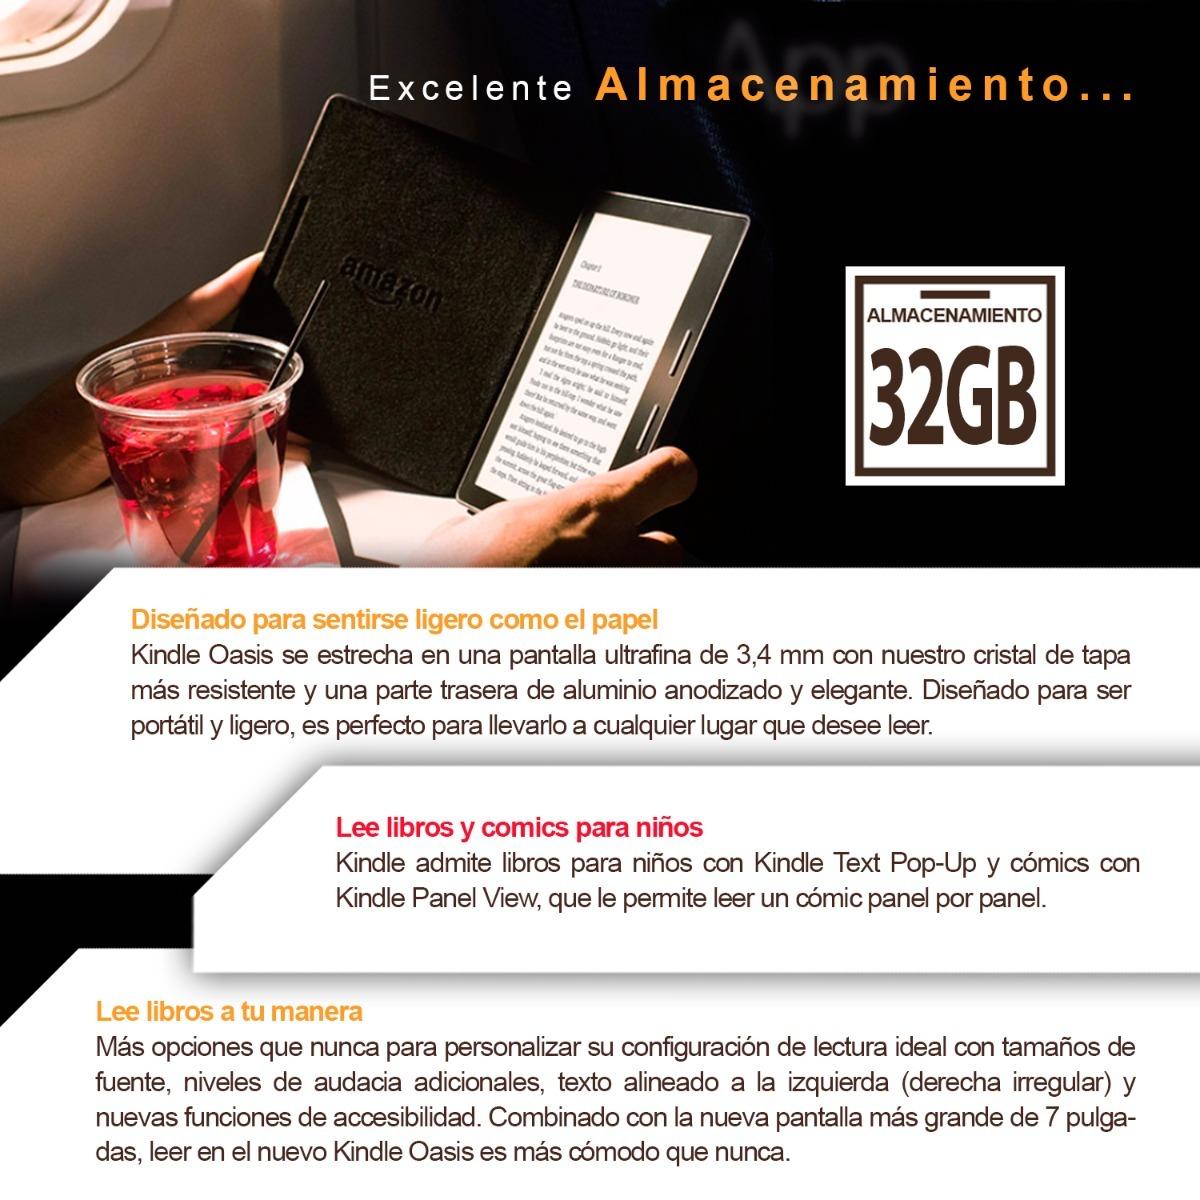 Amazon Kindle Oasis 7 Ultimo Modelo Ereader Ebook 32gb Om - $ 16.199 ...